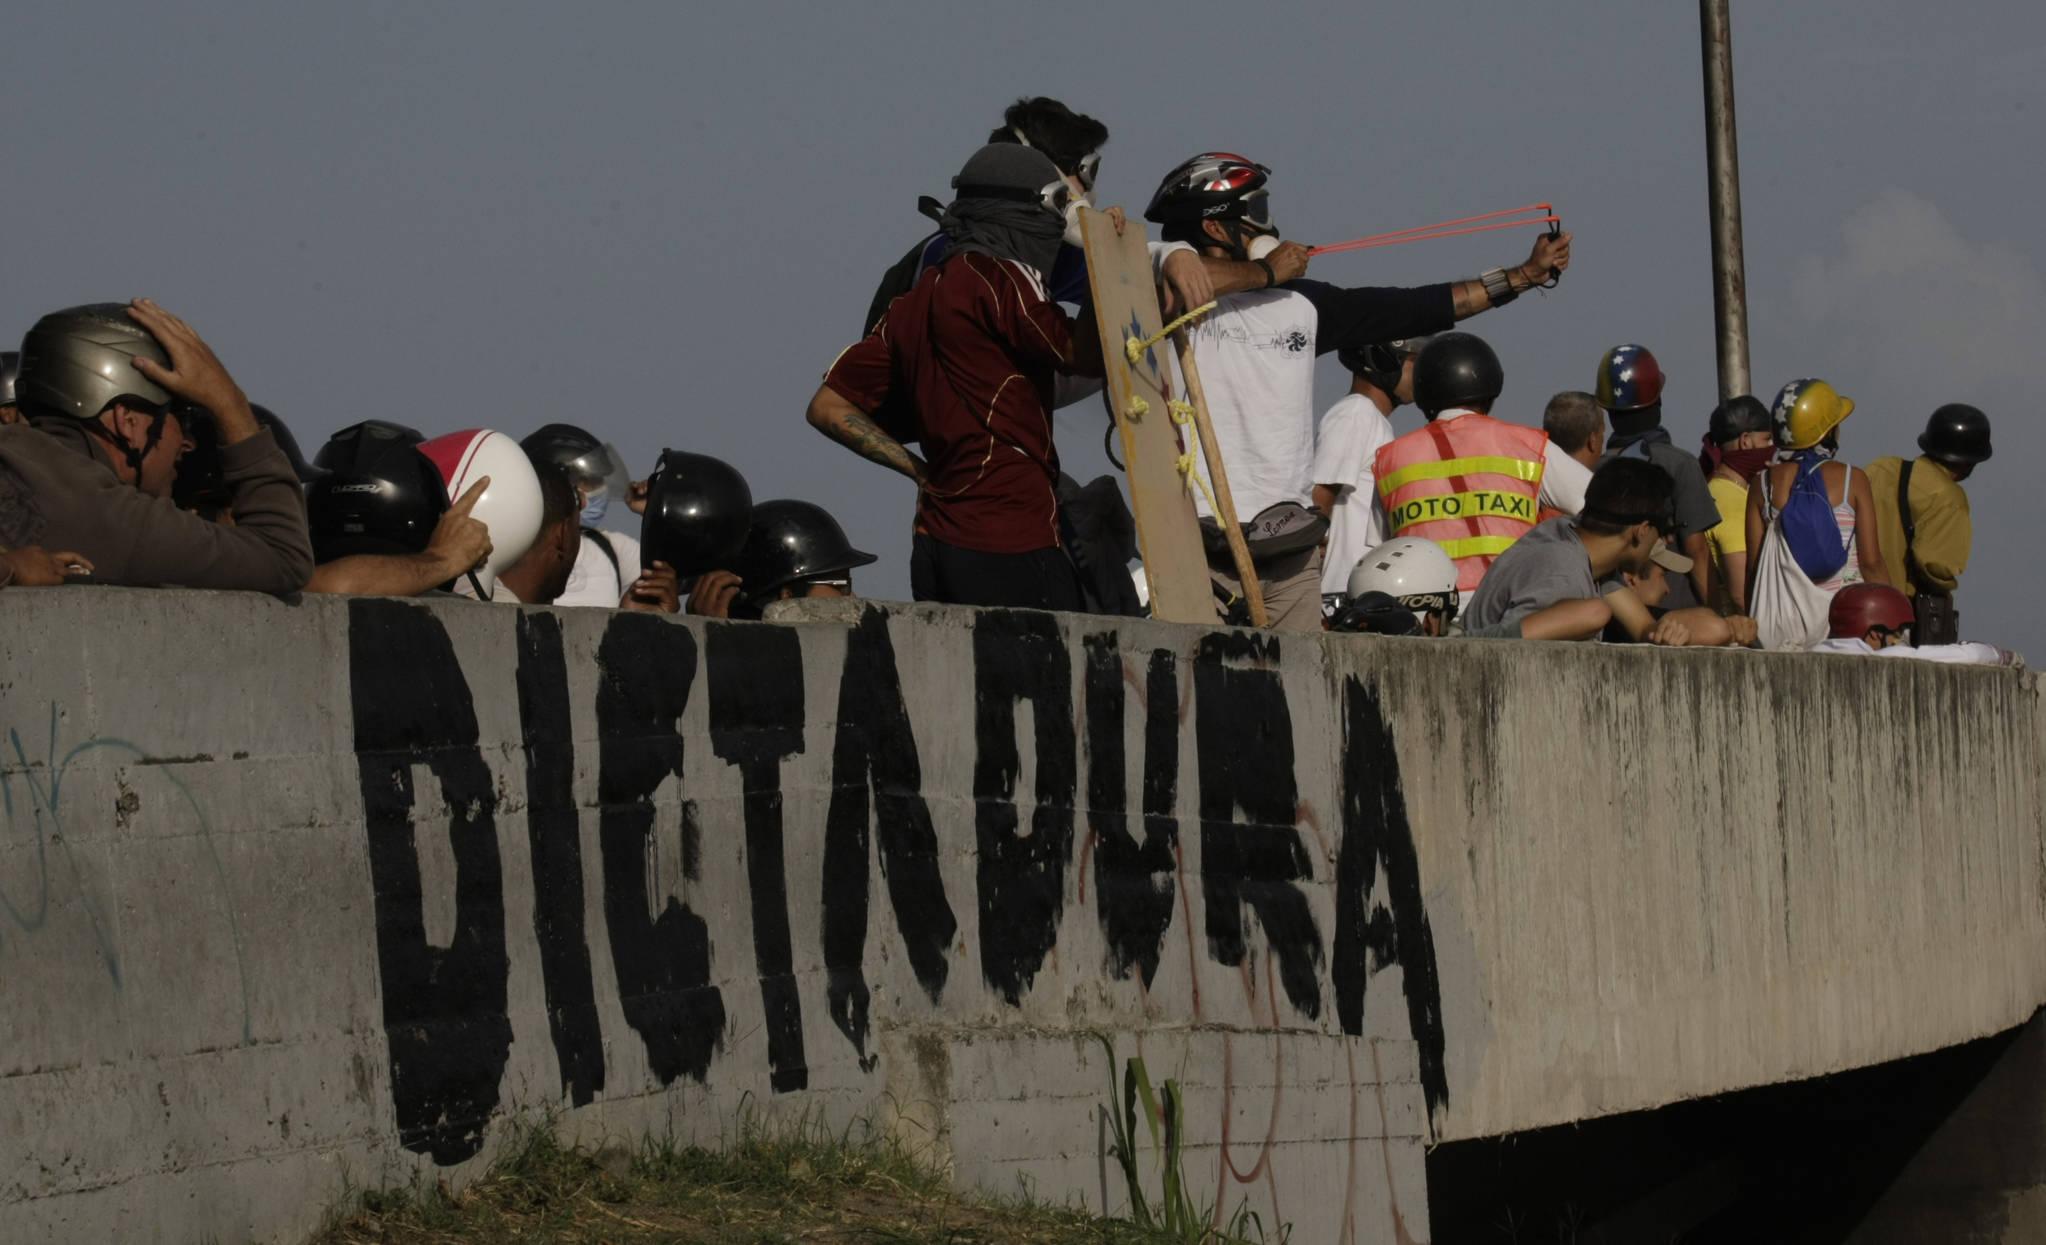 반정부 시위대가 지난 5월 31일(현지시간) 베네수엘라 카라카스에서 보안군을 향해 새총을 쏘고 있다.[AP=연합뉴스]